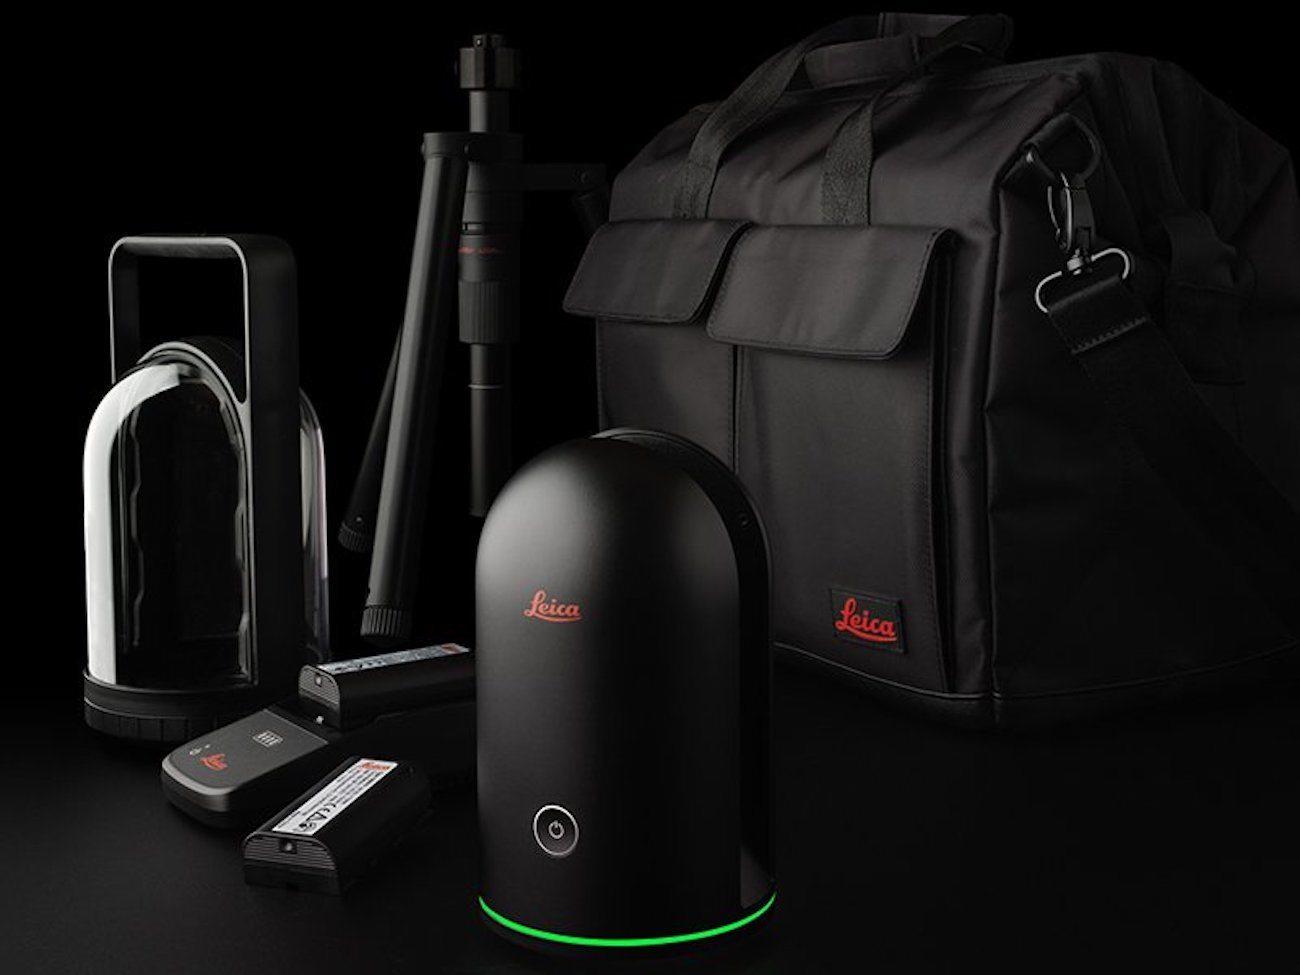 Leica BLK360 3D Laser Scanner